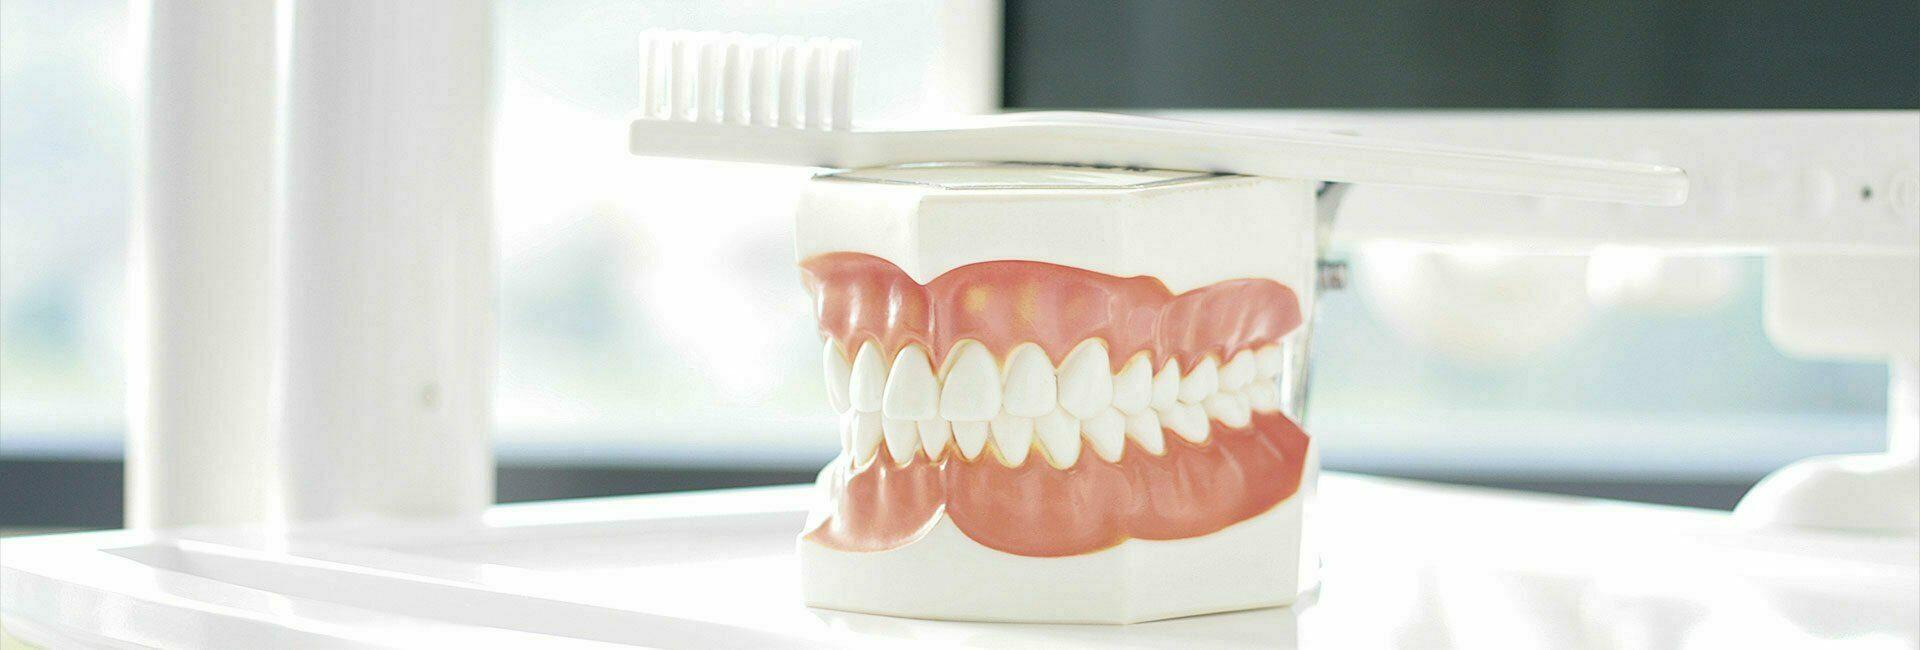 Zahnärzte Infomaterial Zahnersatz